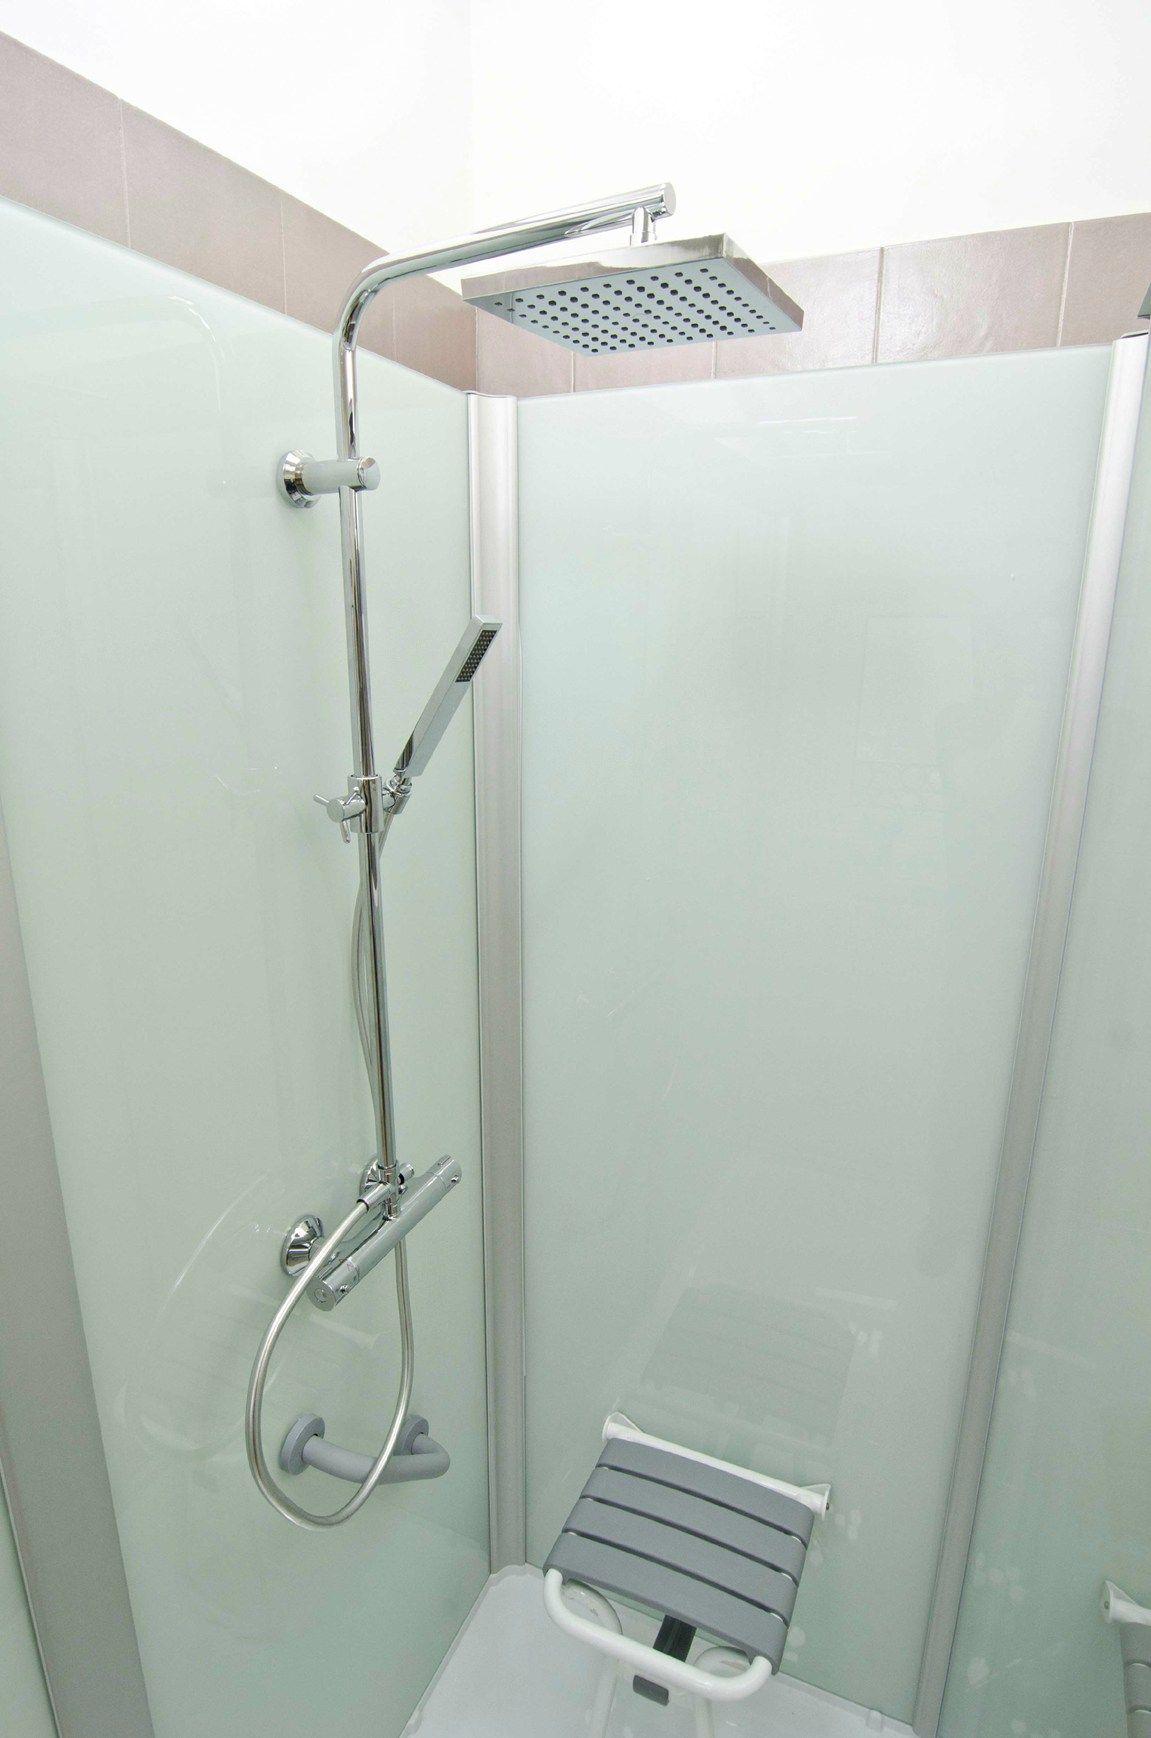 Trasformare la vasca in doccia in 8 ore con G-magic di Grandform